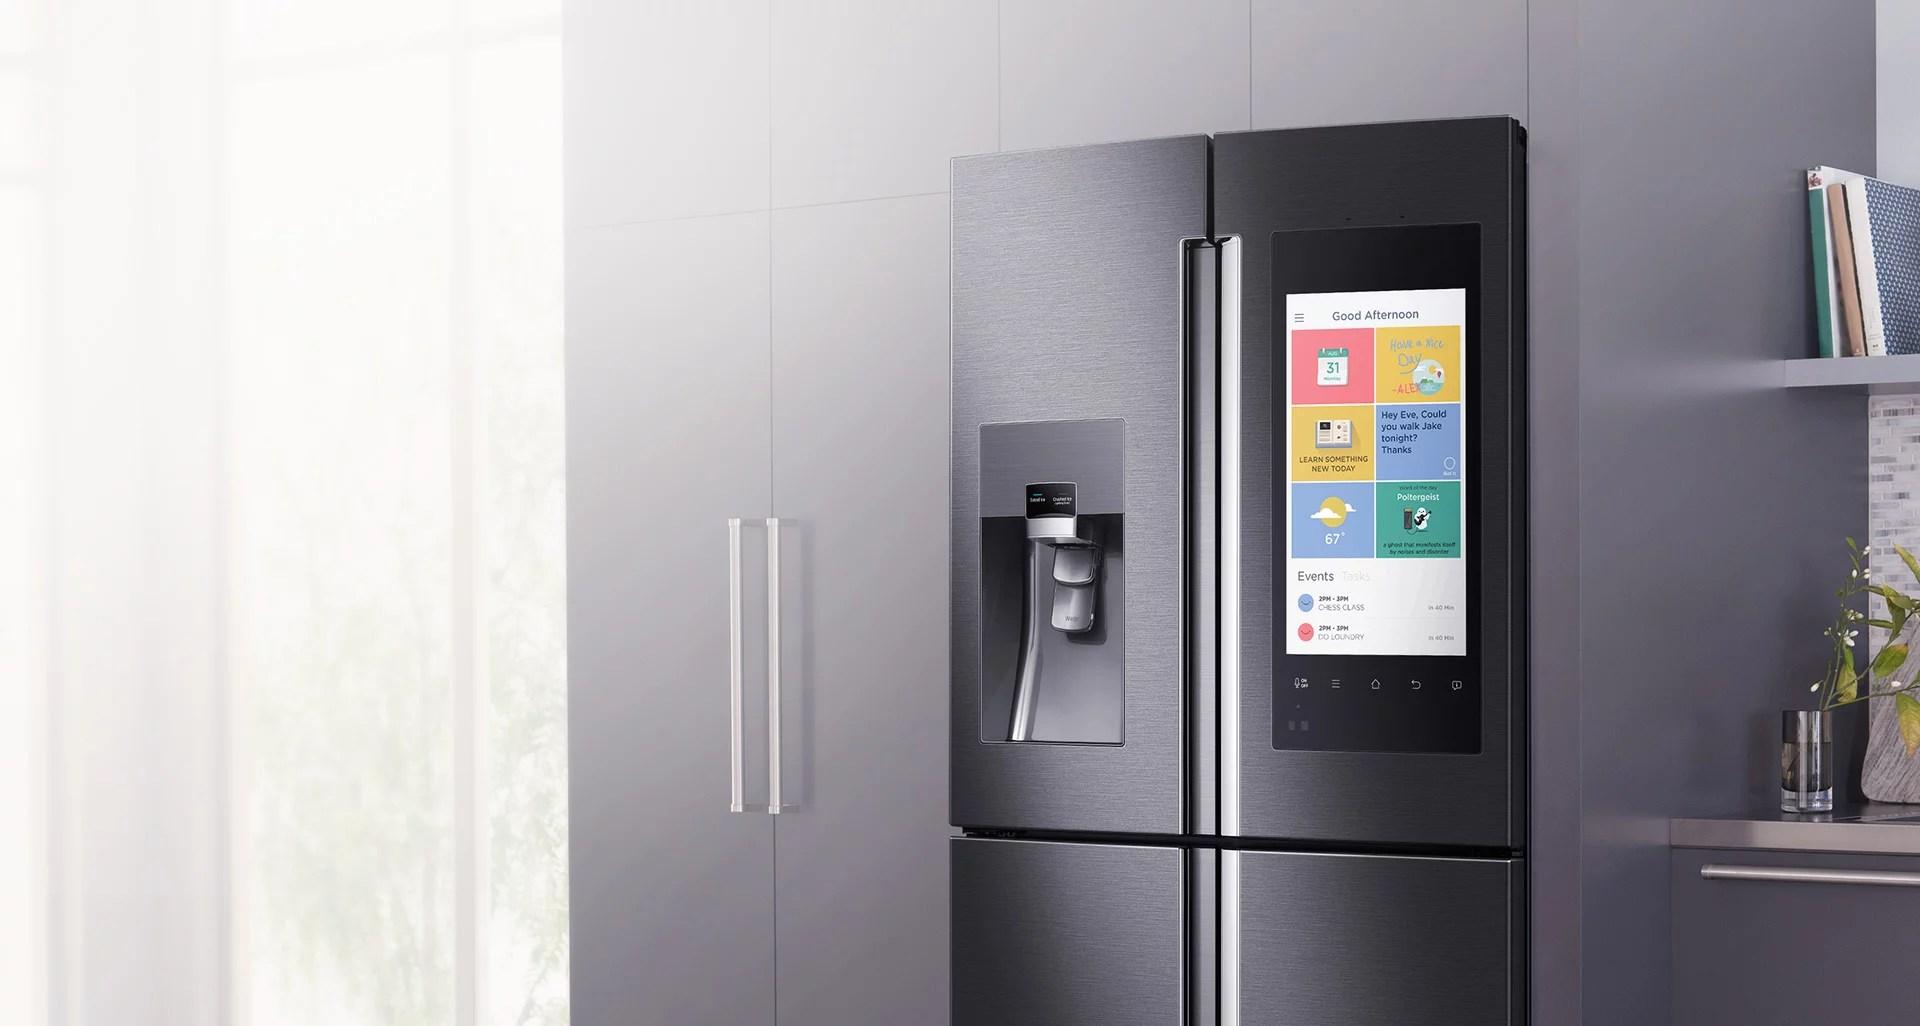 Frigorifero Samsung Con Dispenser Acqua. Great Bosch Kgeai ...